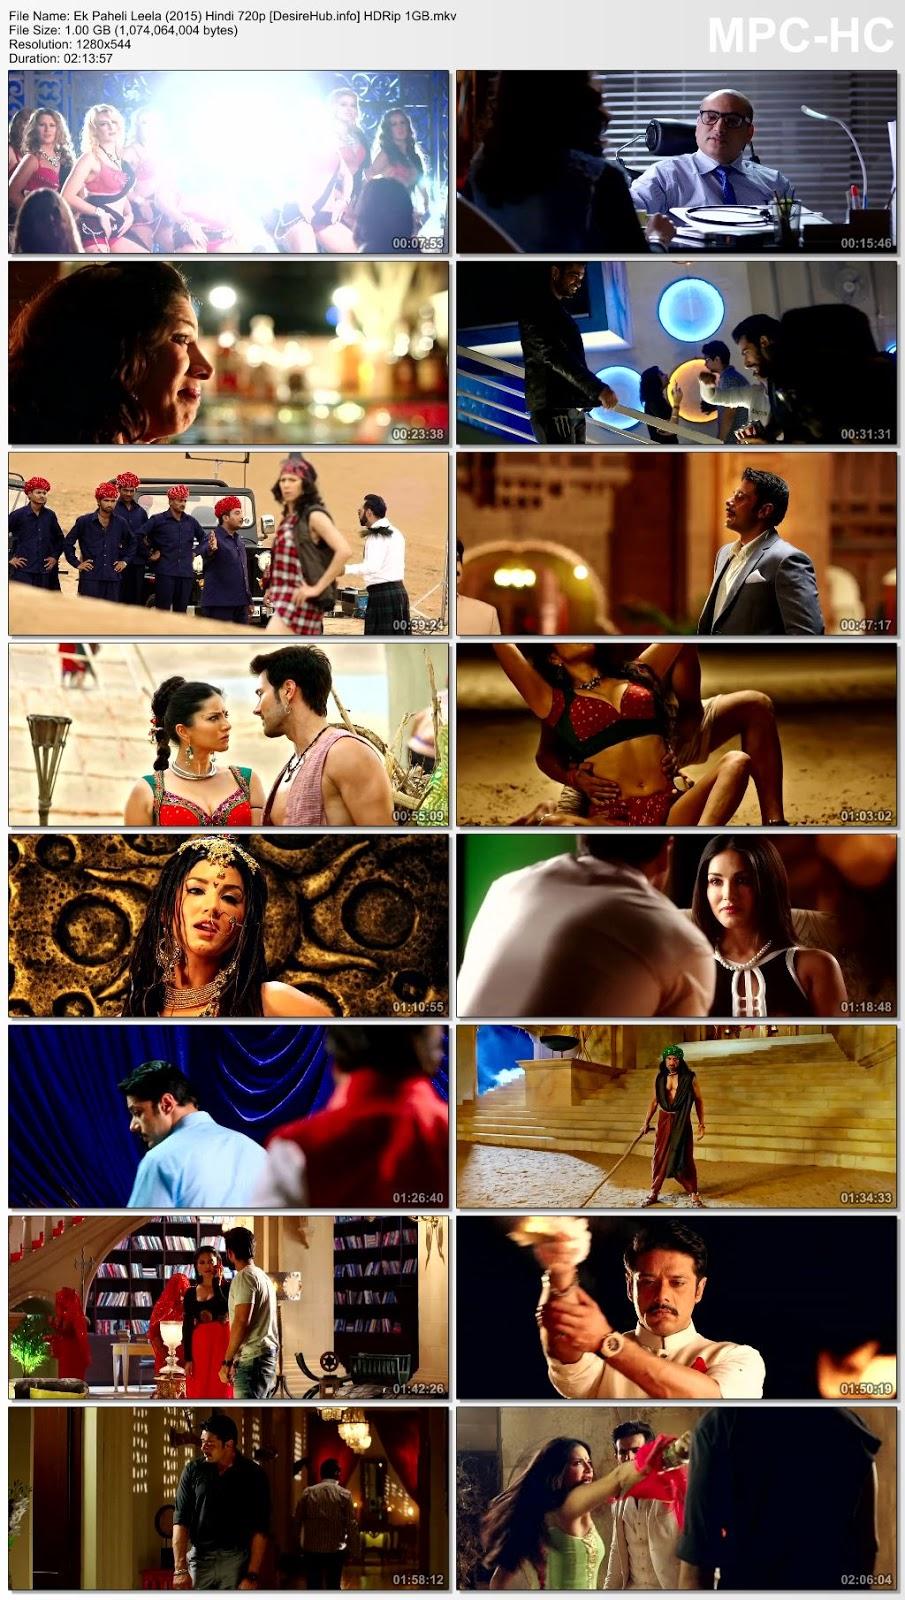 Ek Paheli Leela (2015) Full Hindi Movie 480p HDRip 350MB Desirehub